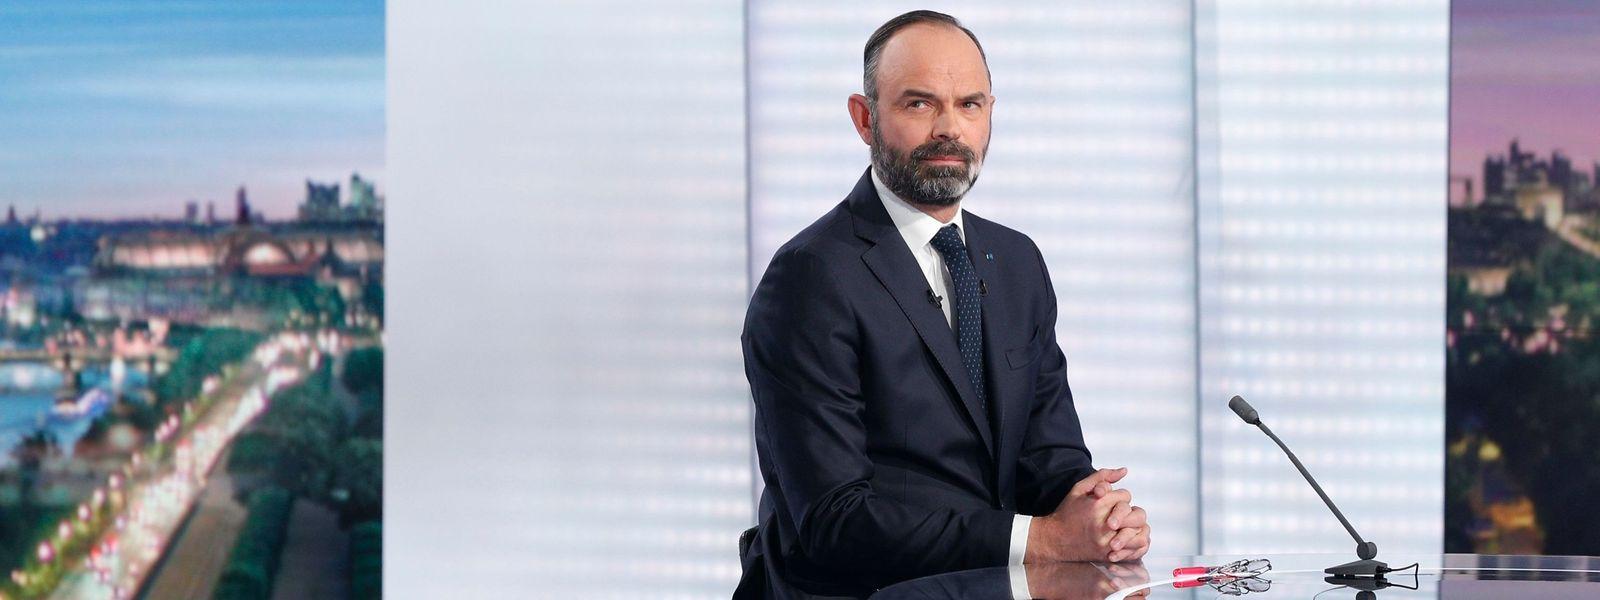 Edouard Philippe s'est montré ferme dans sa volonté de mettre fin aux régimes spéciaux de retraite en France.